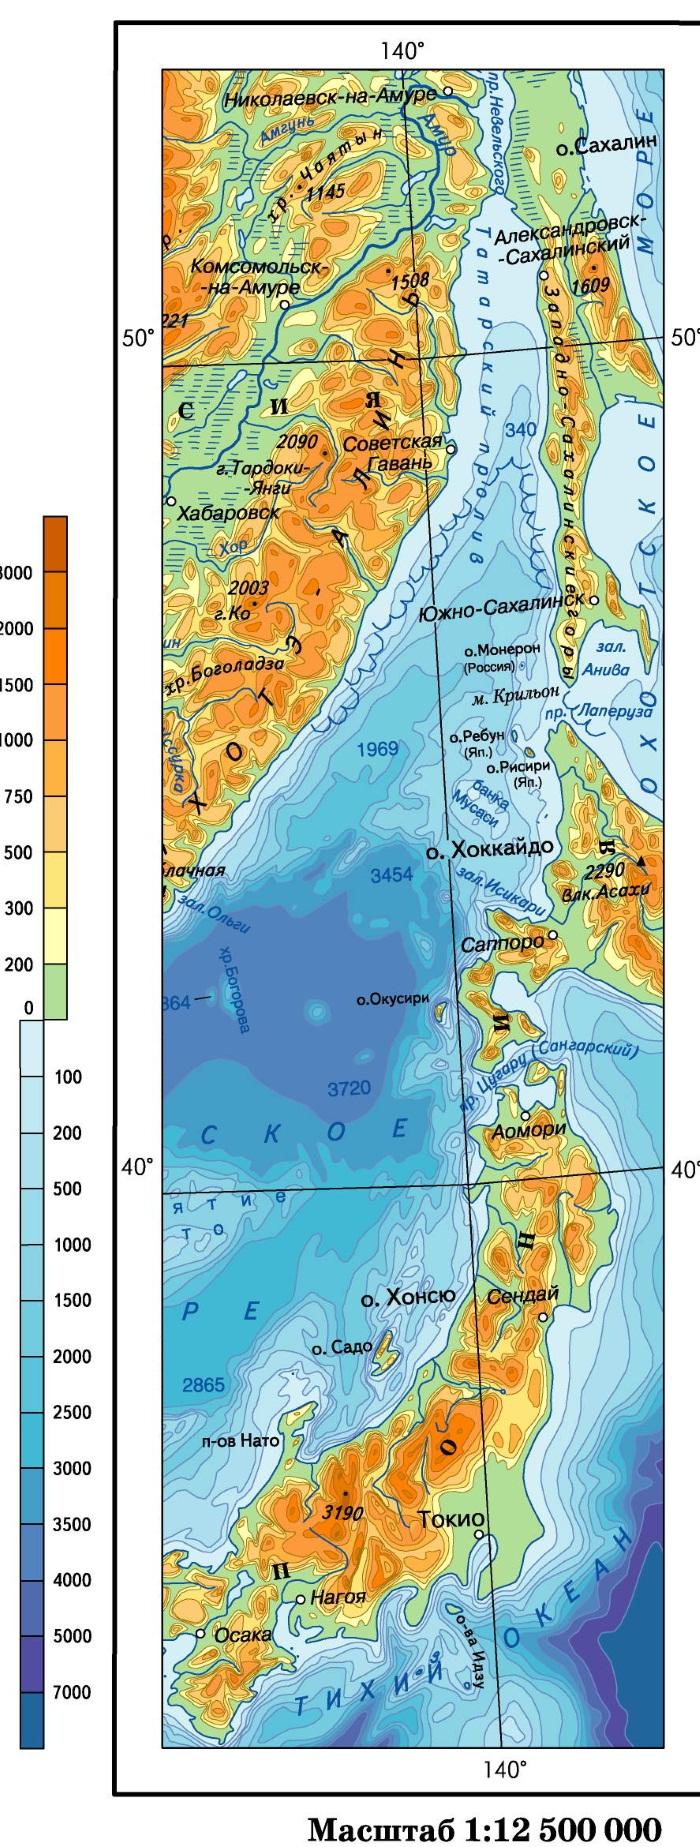 Где на карте находится остров сахалин